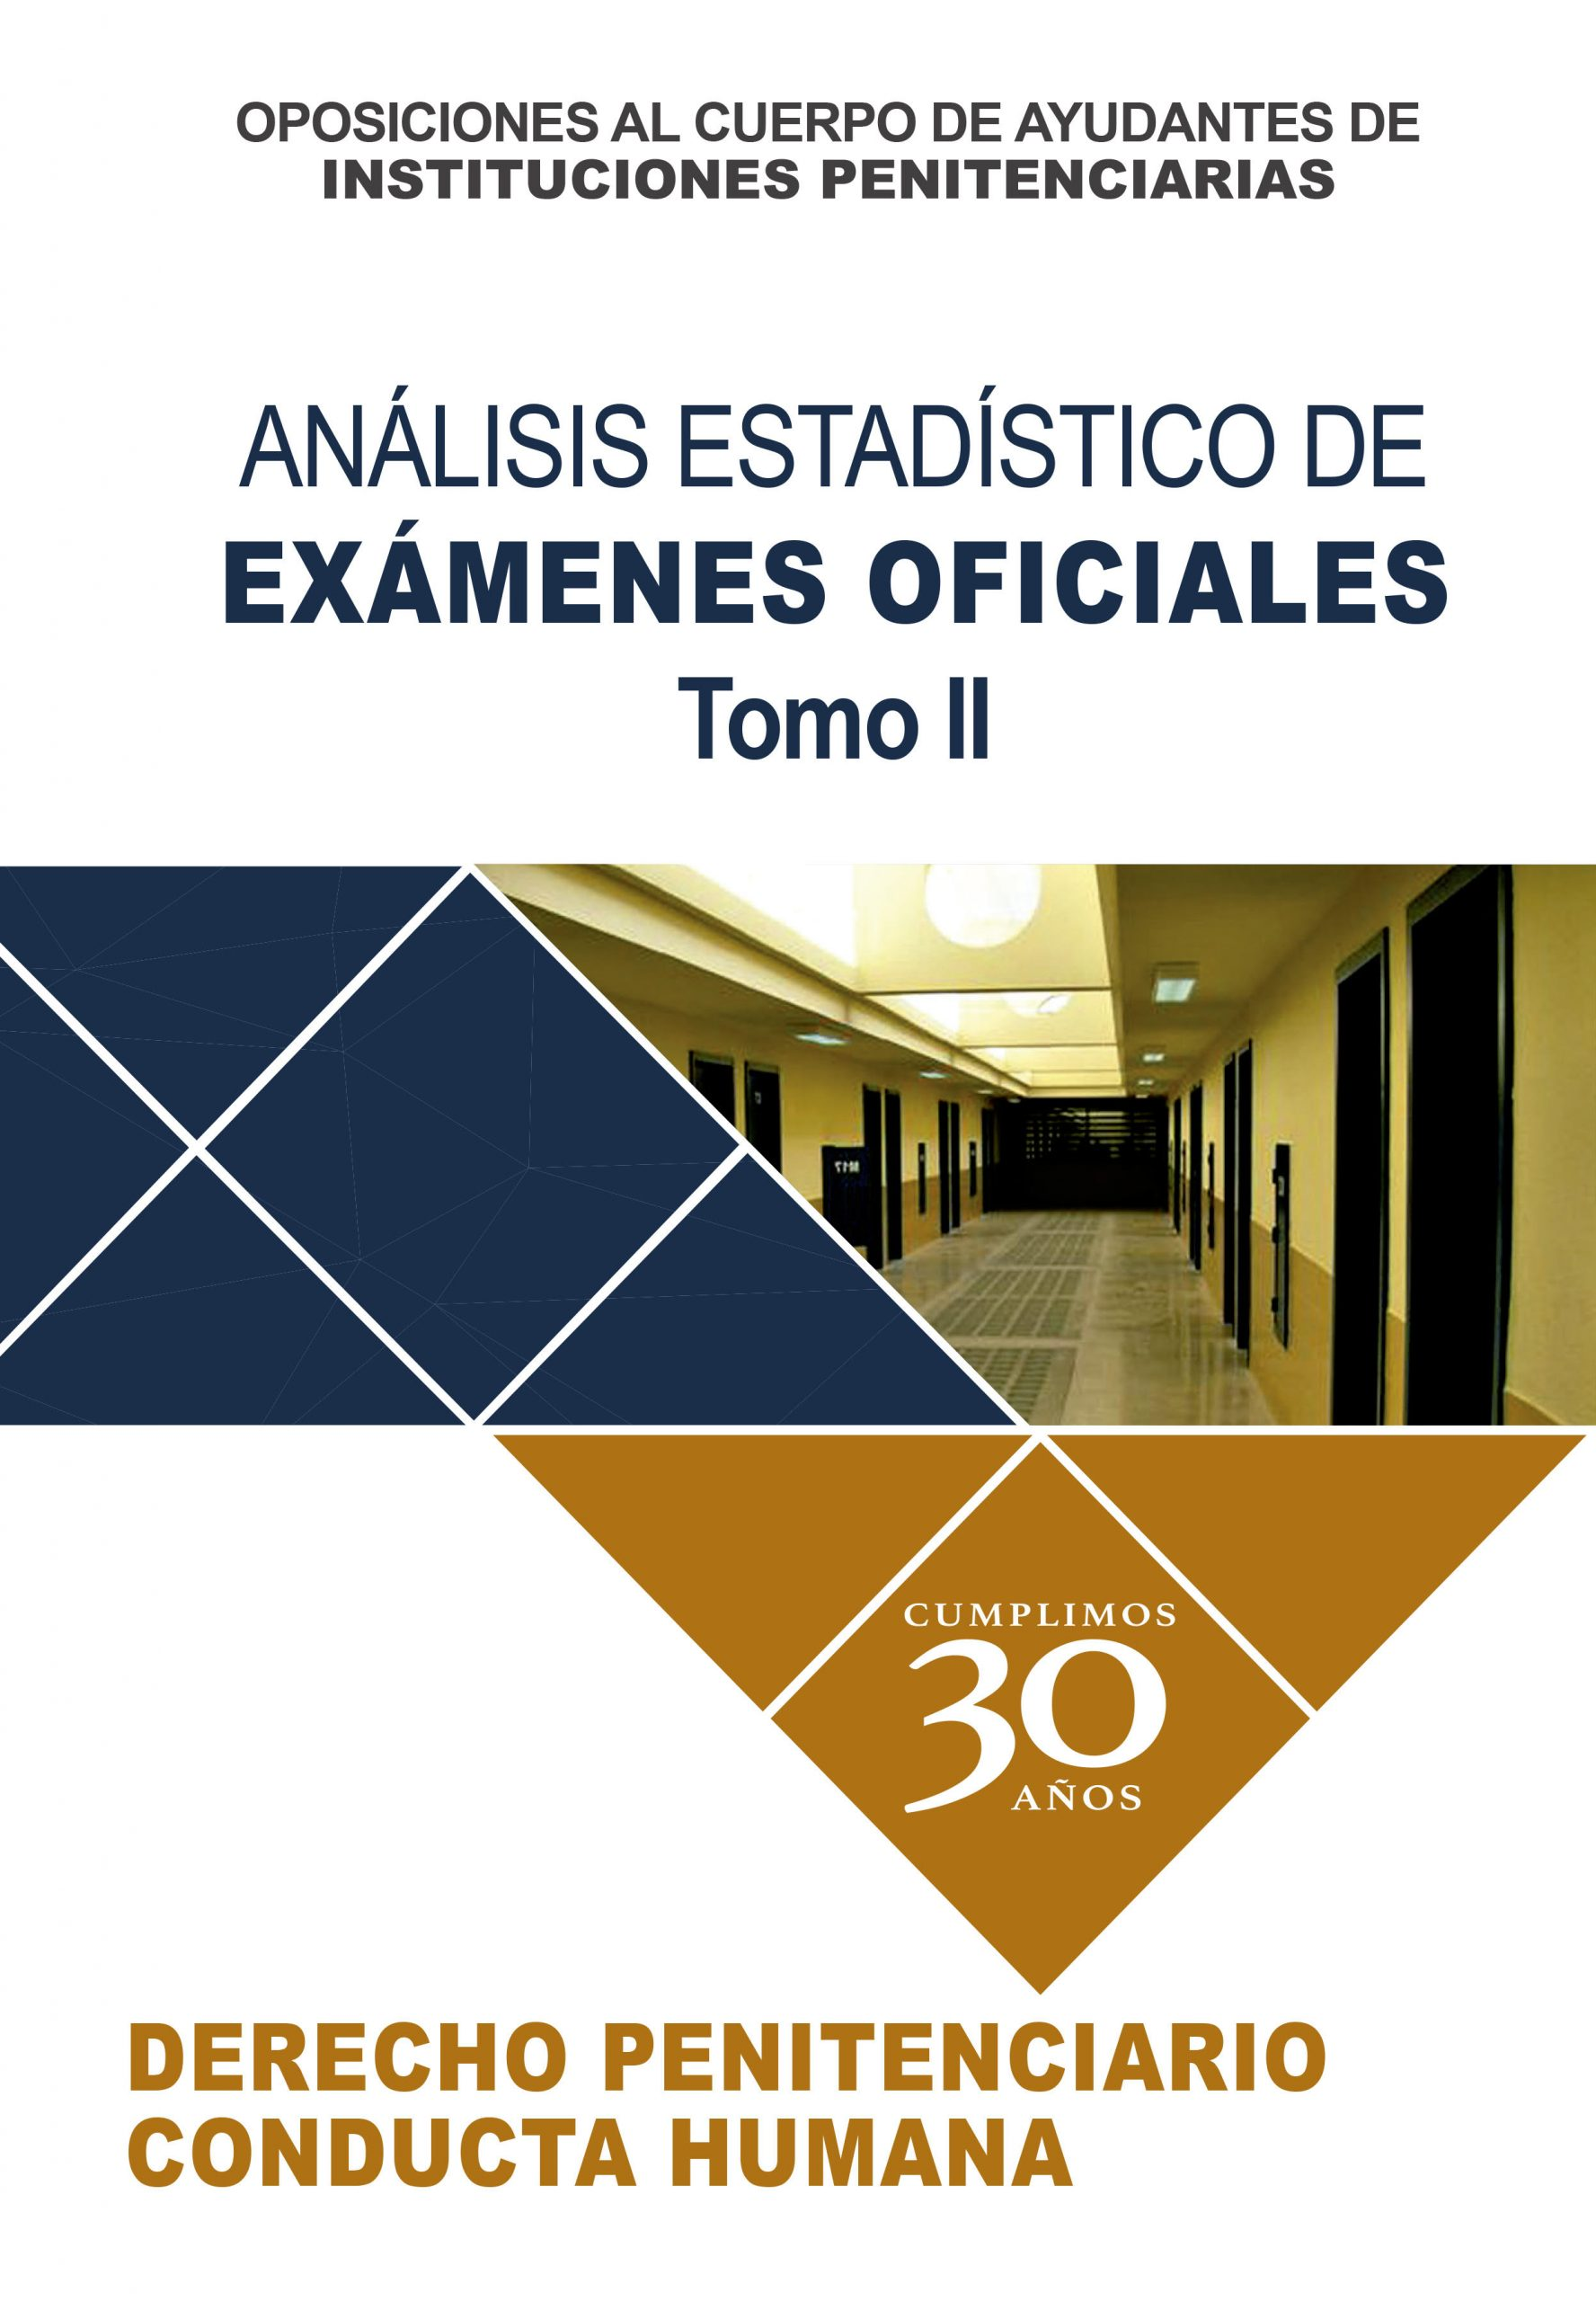 Análisis Estadístico de EXÁMENES OFICIALES.- Tomo II